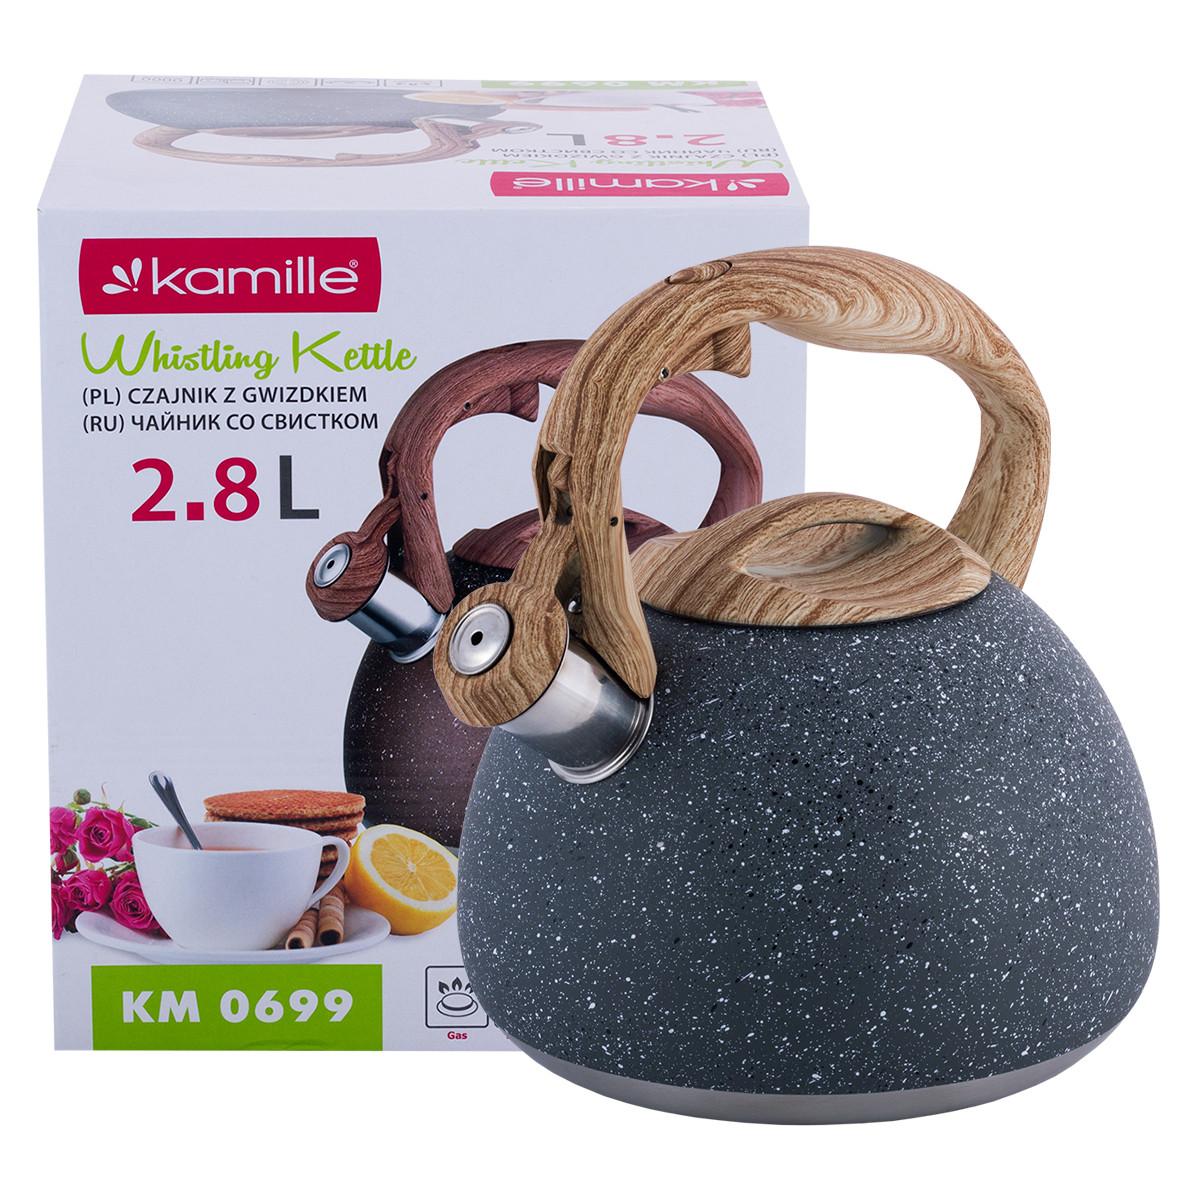 Чайник Kamille Темно-Серый 2.8л из нержавеющей стали со свистком и бакелитовой ручкой для индукции и газа KM-0699TS